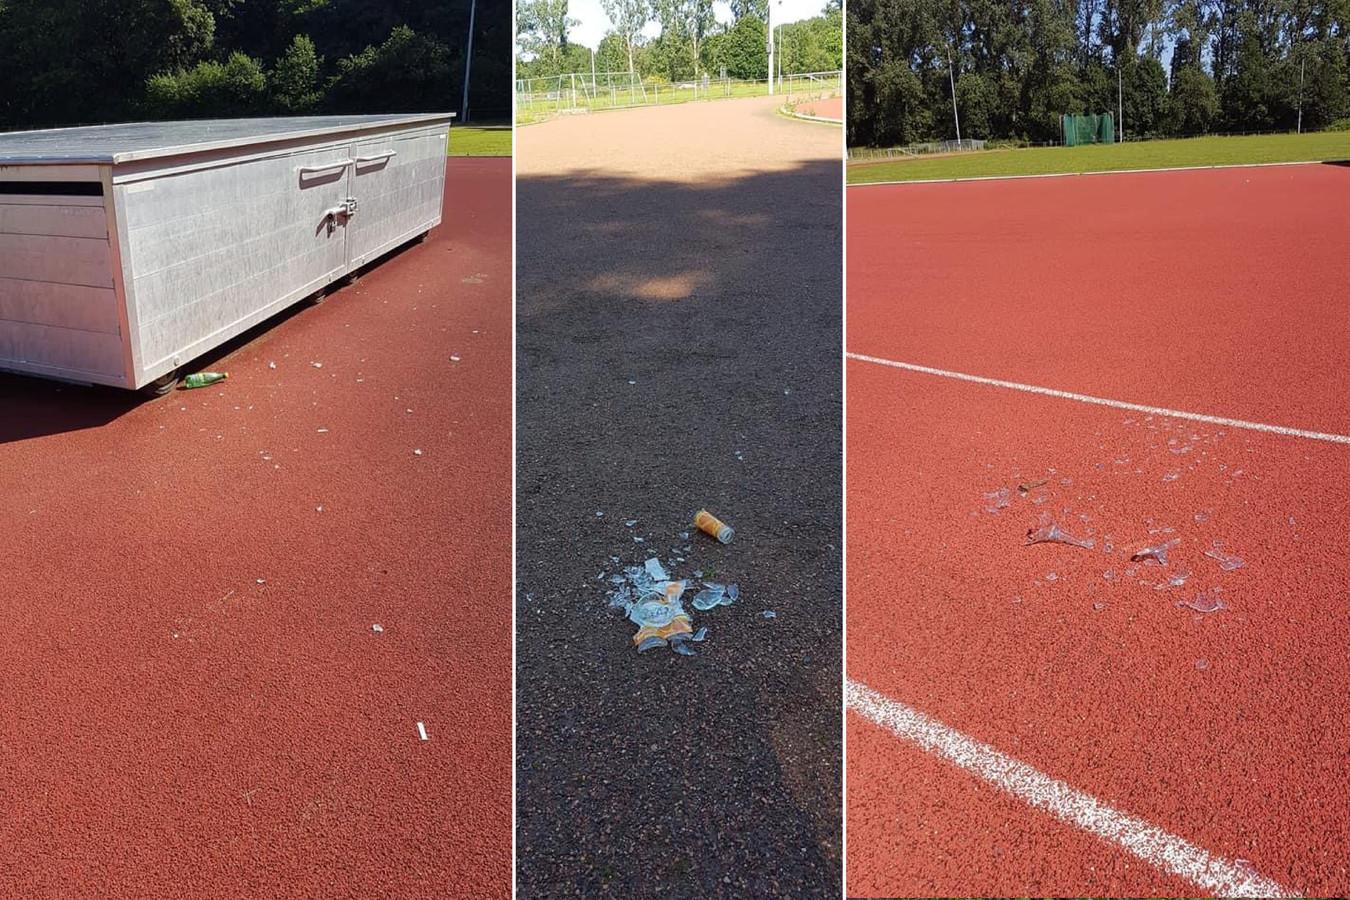 De onbekenden lieten gebroken flessen en glazen achter op de atletiekpiste.